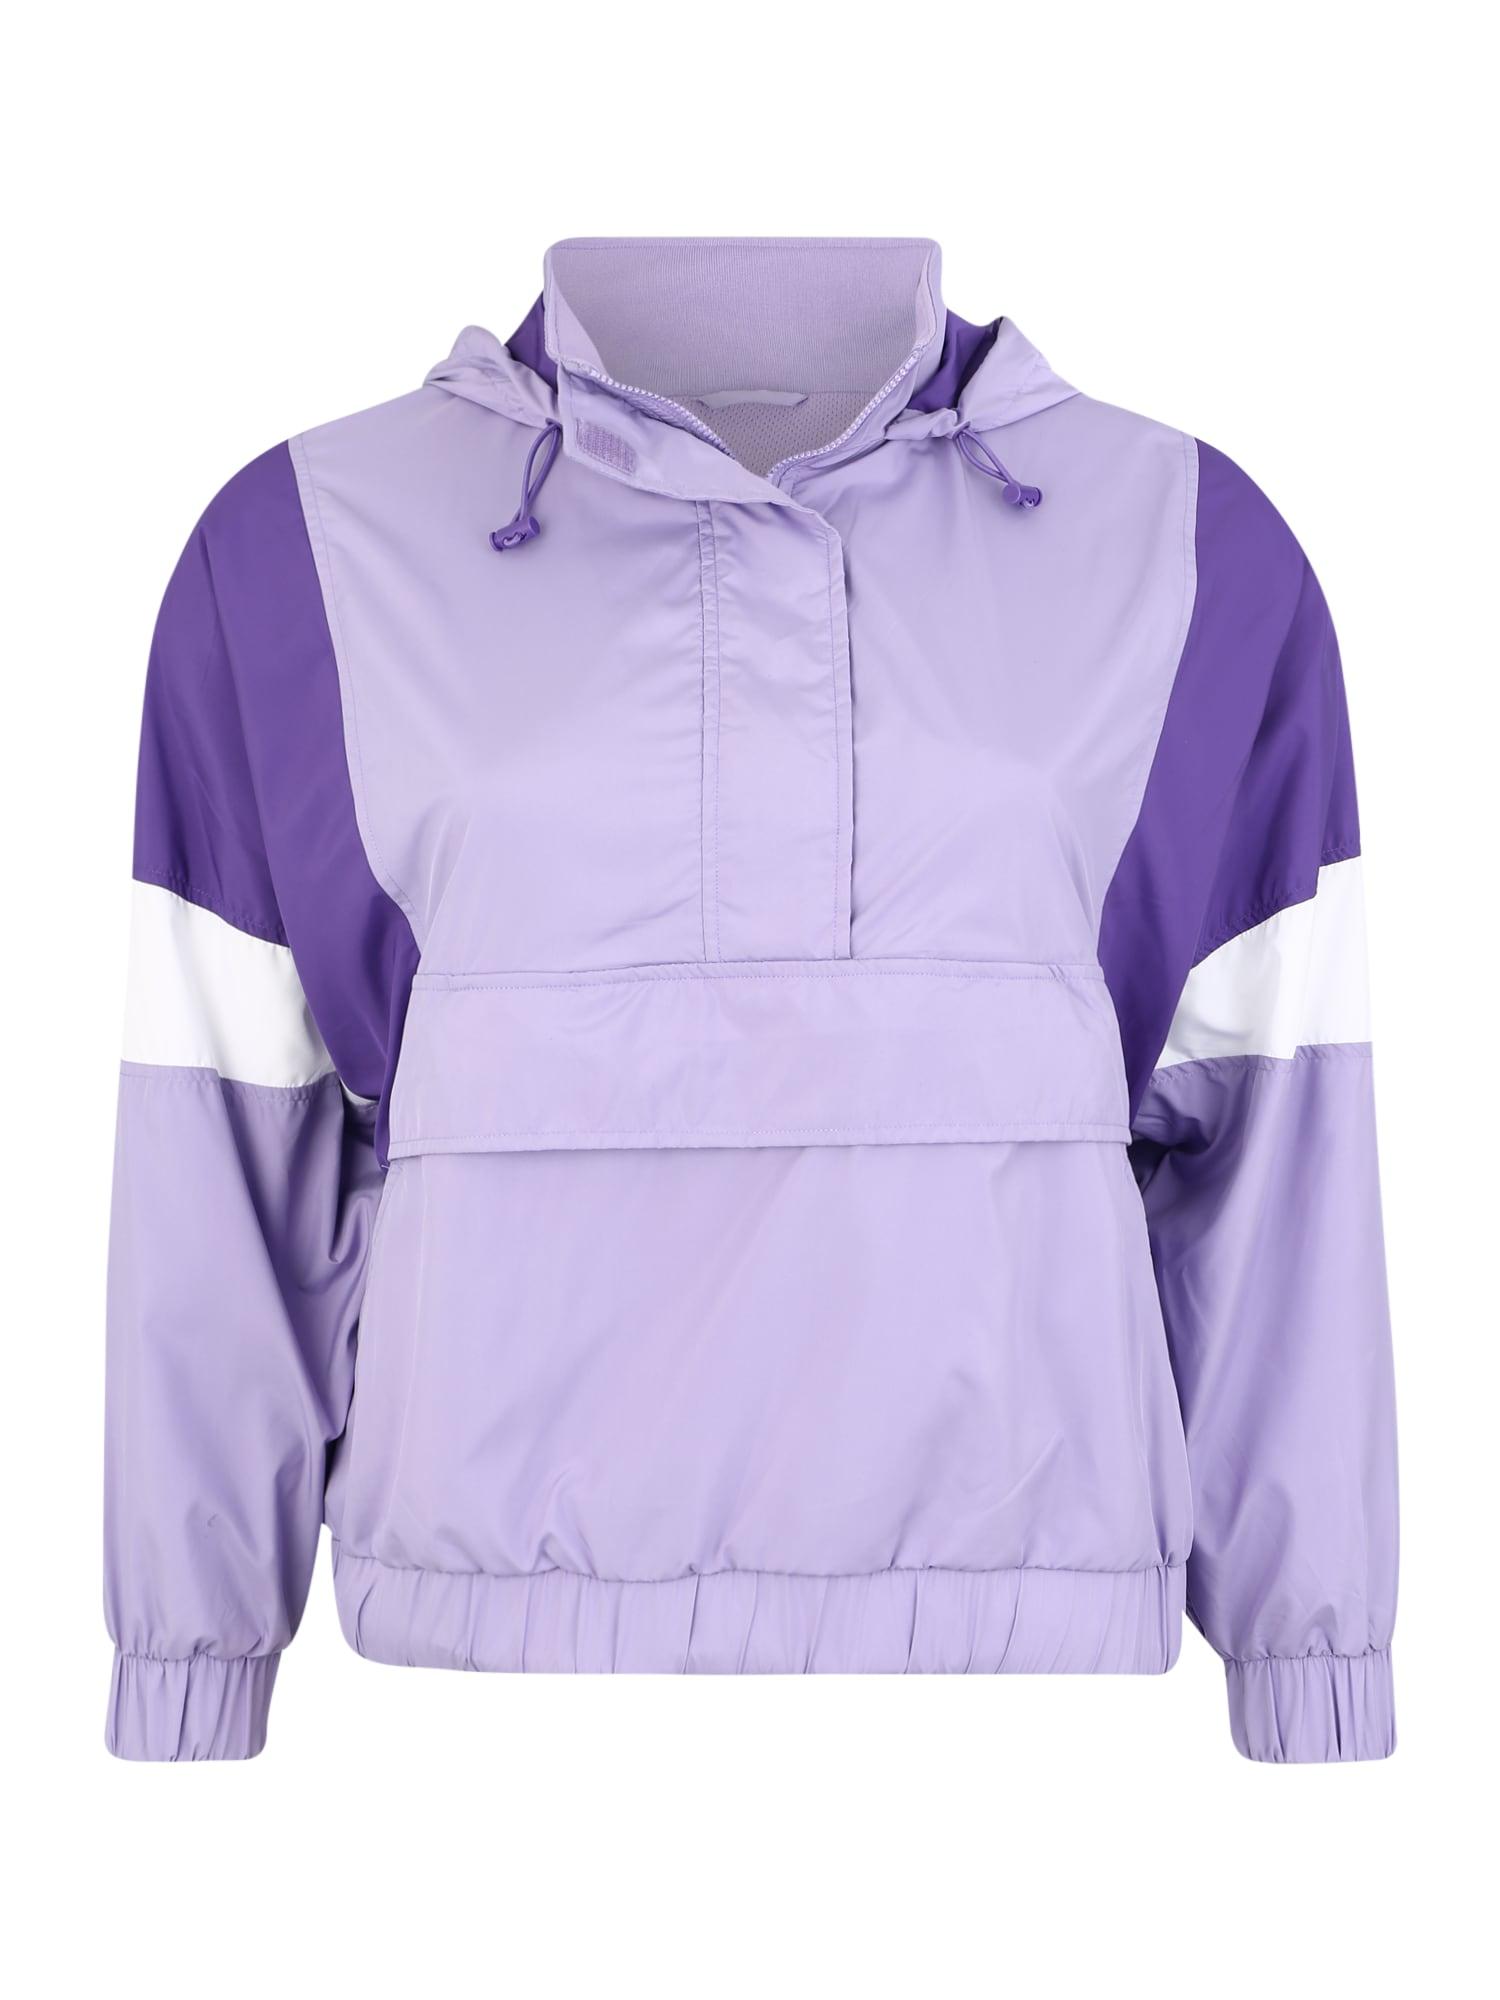 Urban Classics Curvy Demisezoninė striukė balta / purpurinė / alyvinė spalva